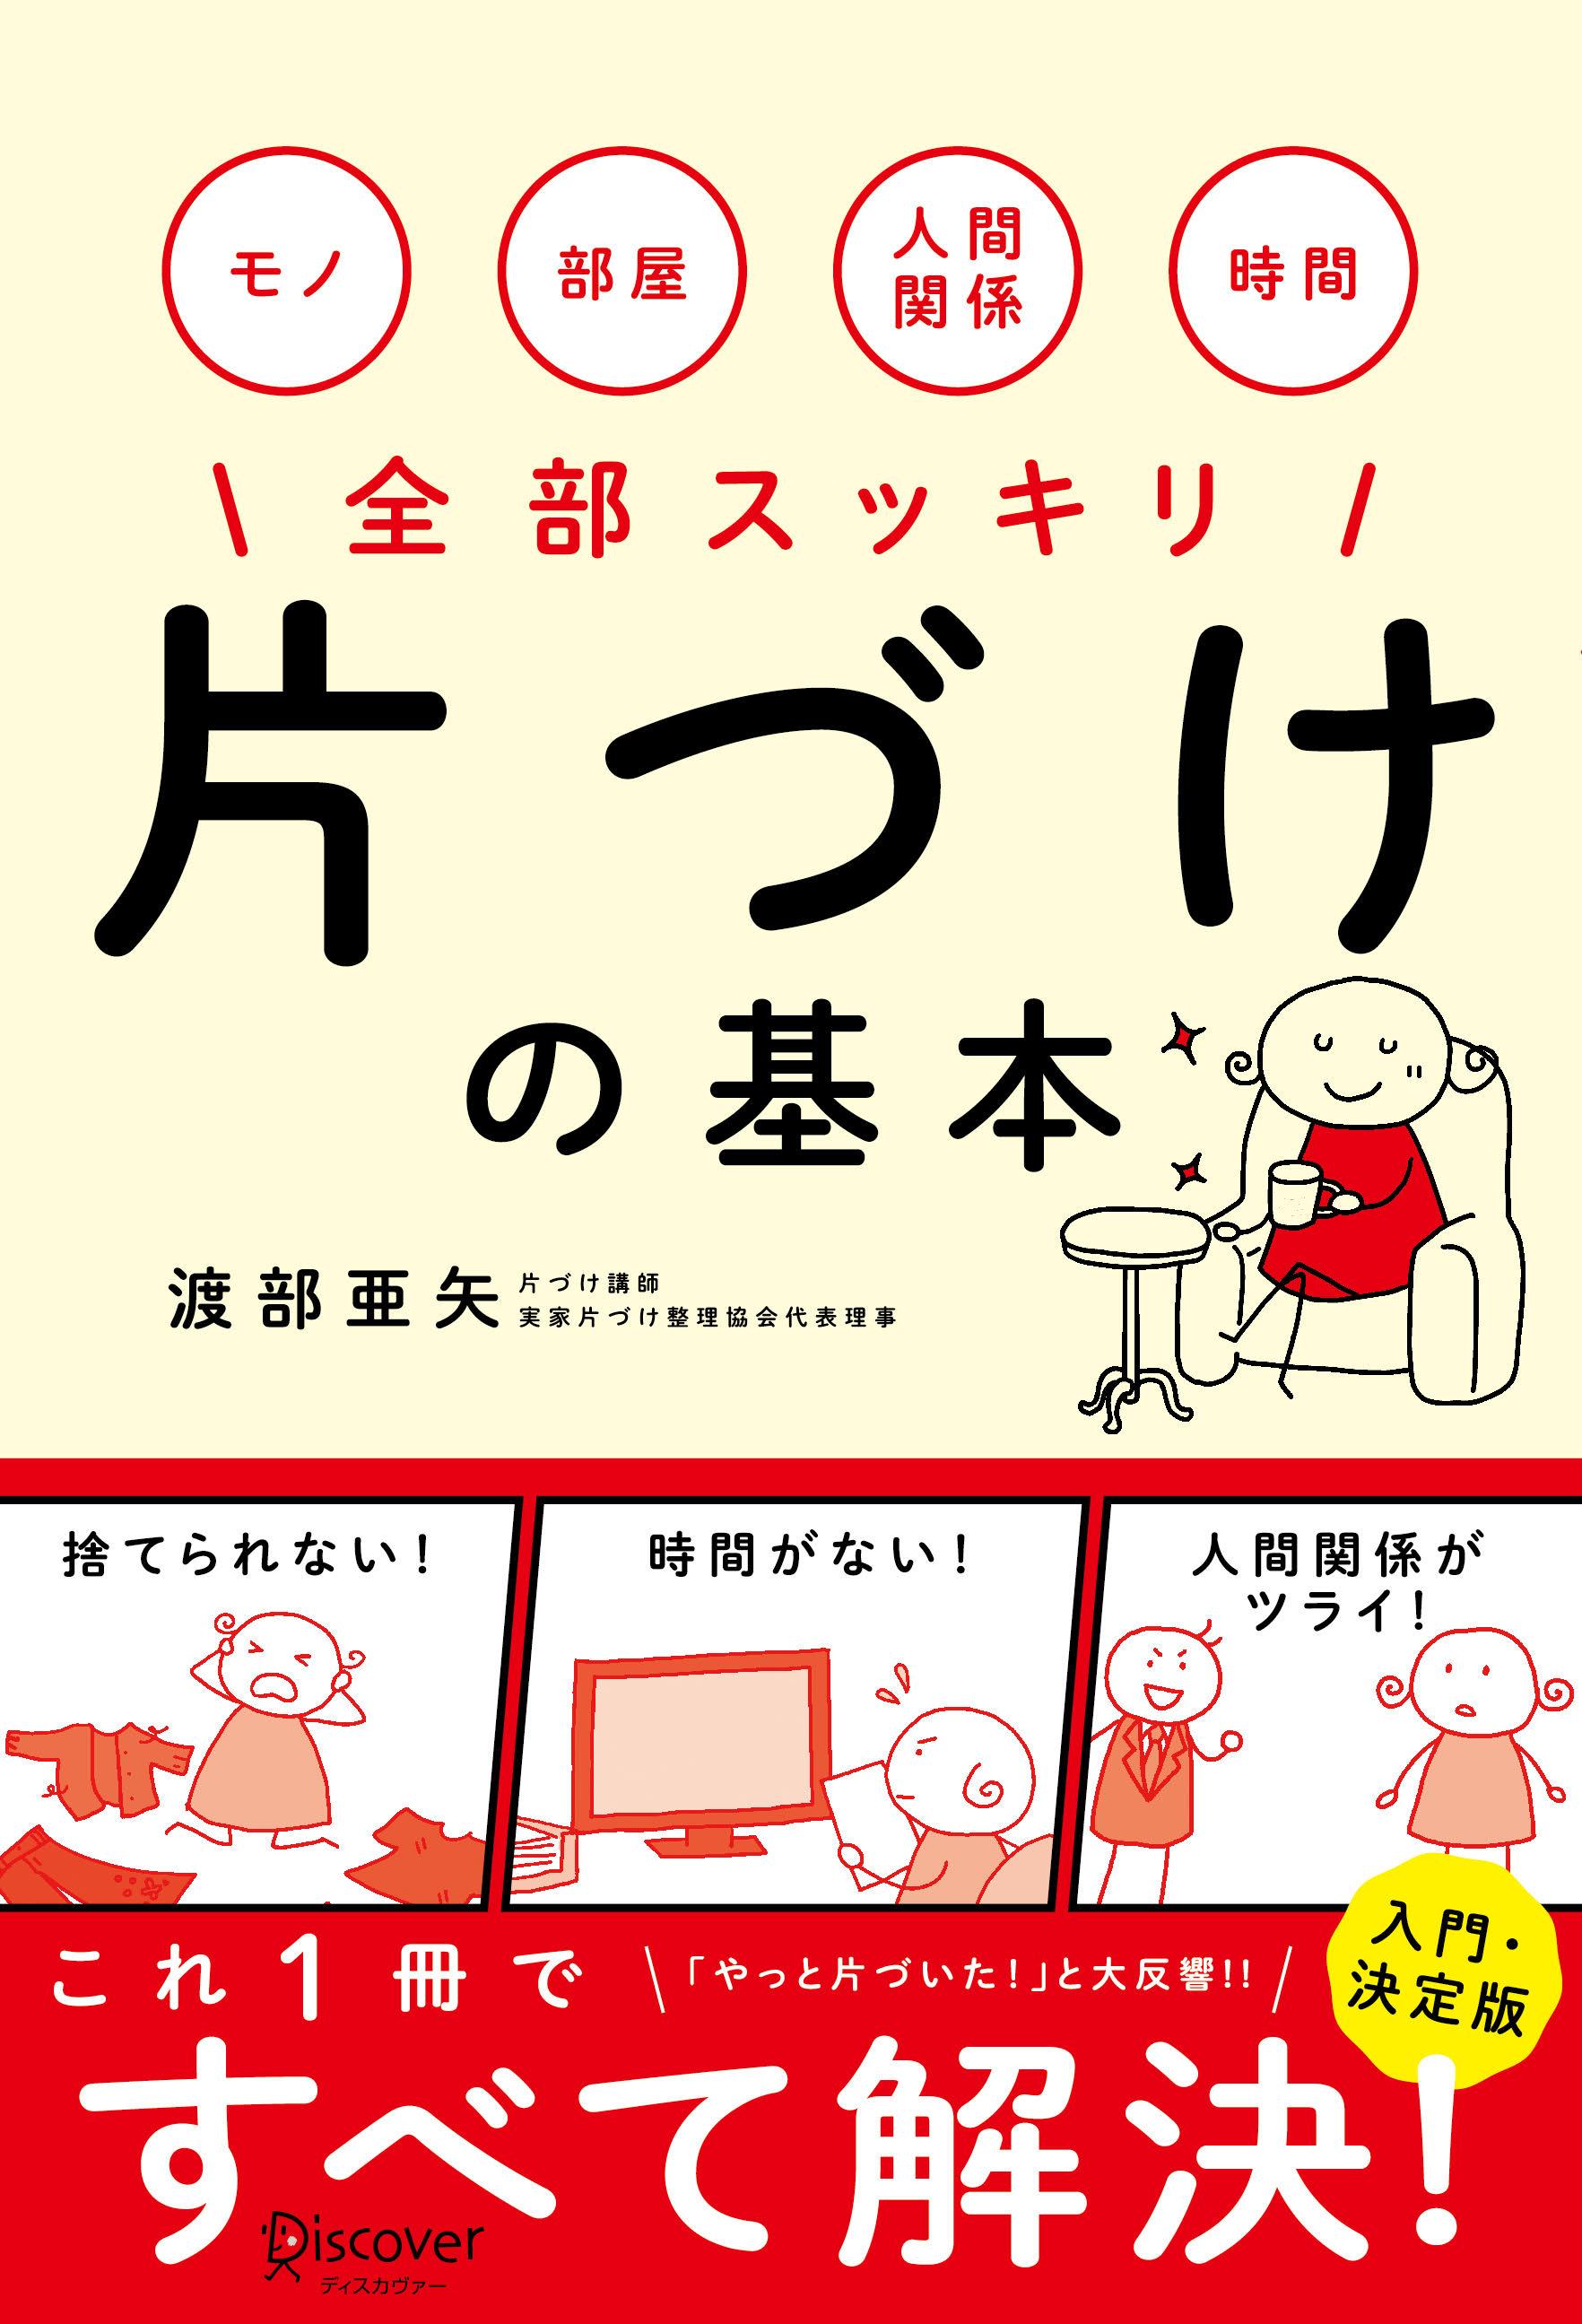 【新刊】予約開始!『片づけの基本』ハンディ版